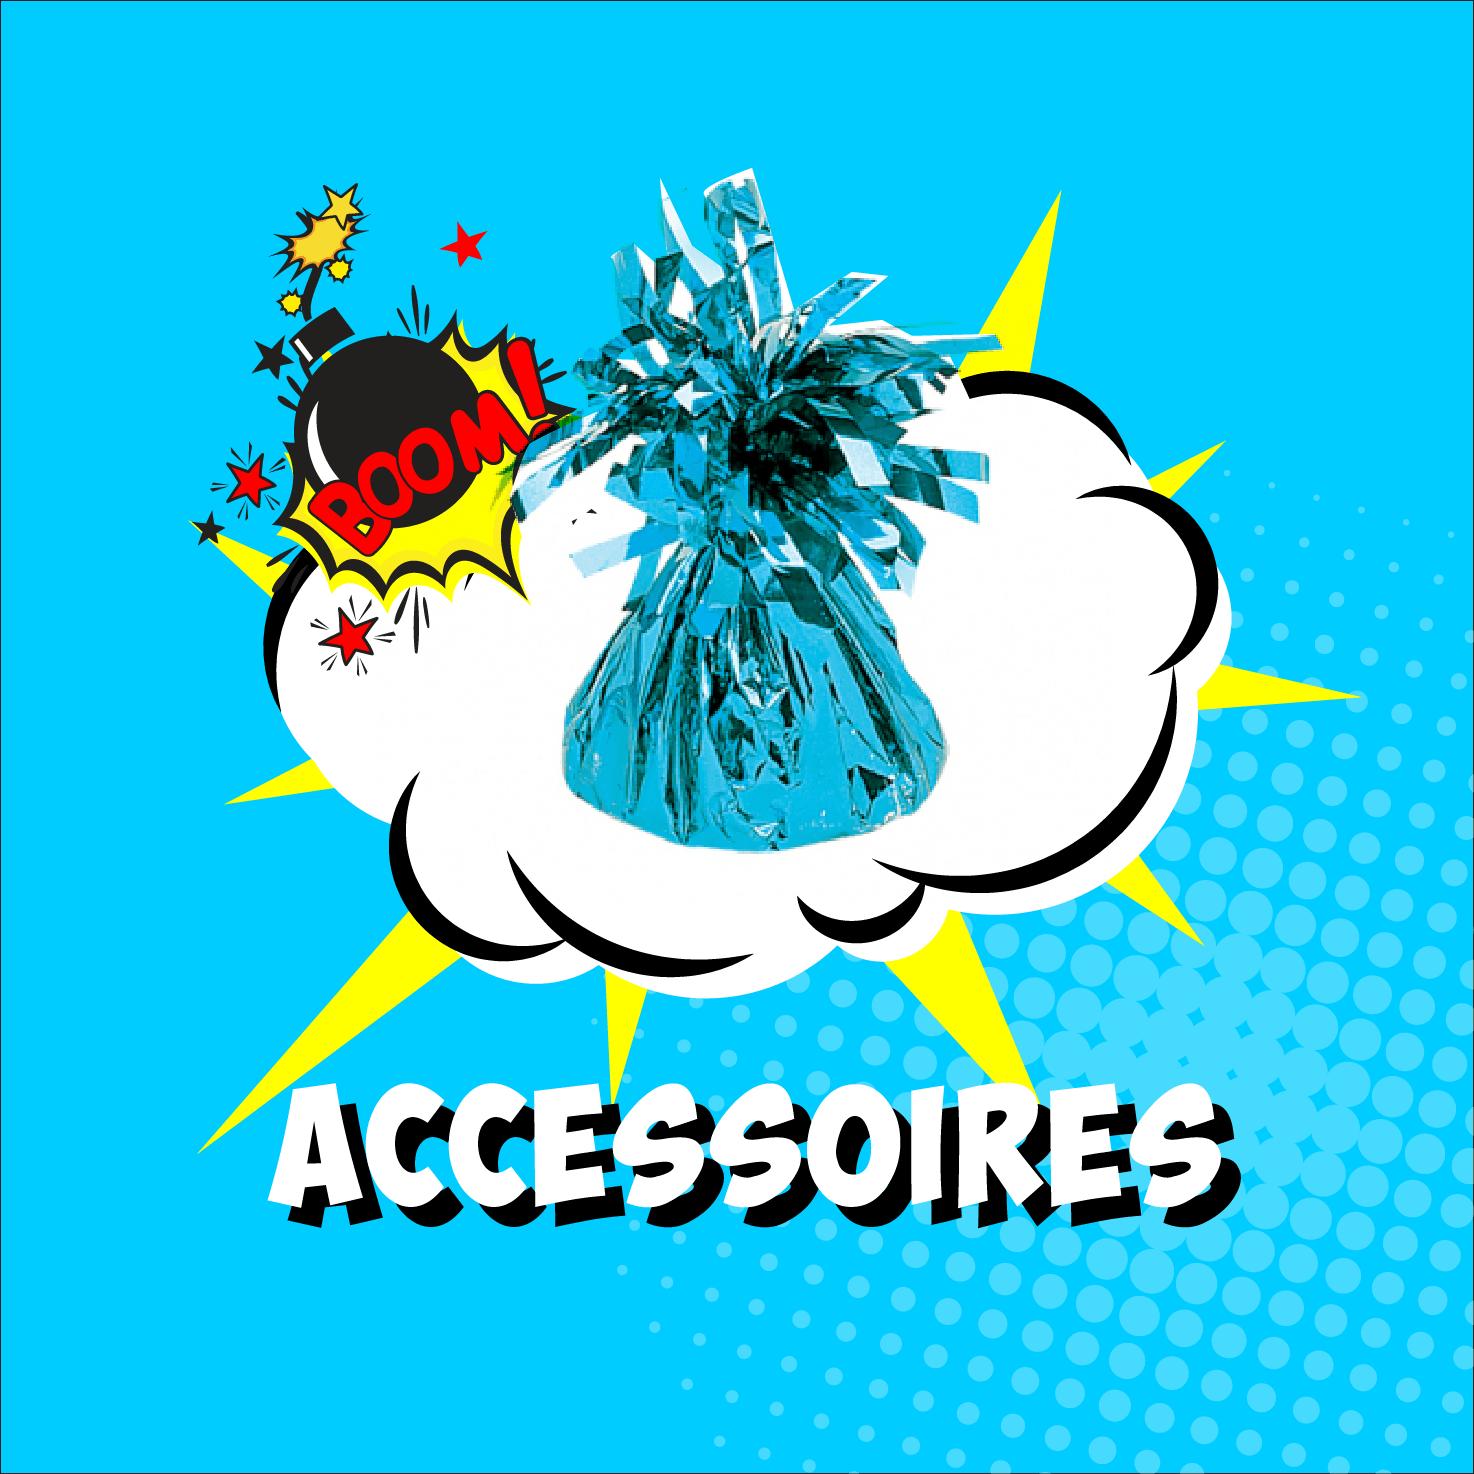 Alle ballon accessoires zoals gewichtjes, slingers, bogen, pompjes en meer vindt je bij feestartikelenwinkel koorn&co uit Rotterdam